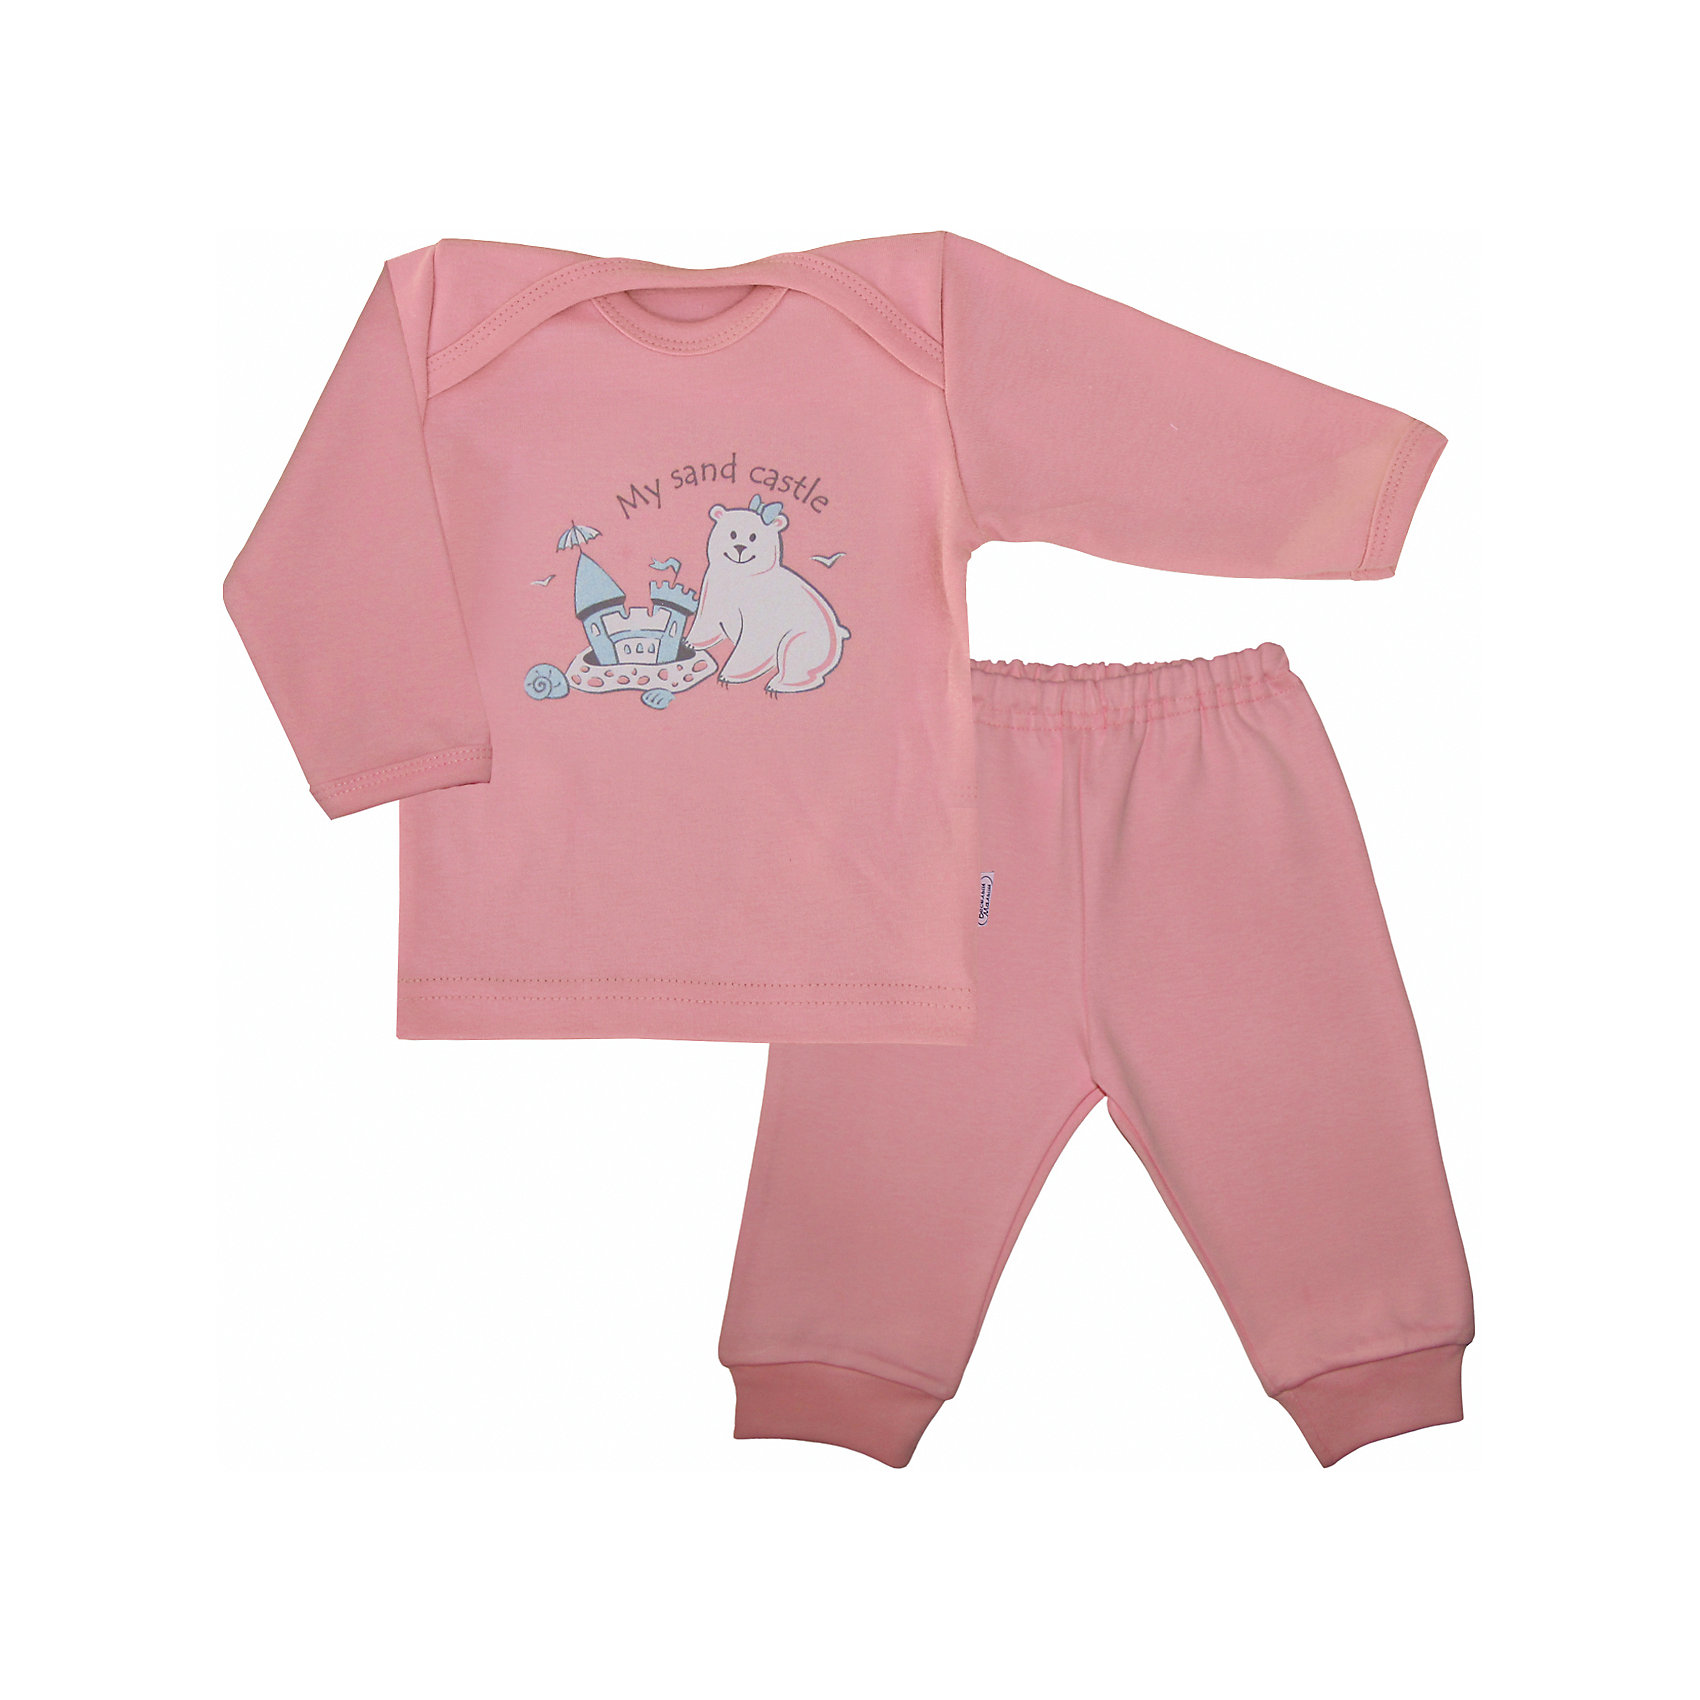 Пижама для девочки Веселый малышОчаровательная пижама от бренда Веселый малыш подарит вашему ребенку комфортный сон. Пижама изготовлена из 100% хлопка, приятного телу. Материал очень прочный и отлично сохраняет свои свойства после стирки. Ткань гипоаллергенная и не вызывает раздражения на чувствительной коже. Двойной ворот поможет вам с легкостью надеть пижаму на кроху. Штанишки с удобной резинкой и манжетами обеспечат отличную посадку. Верх украшен принтом с медвежонком. В этой пижаме малыш будет видеть самые сладкие сны!<br><br>Дополнительная информация:<br>Материал: интерлок-пенье<br>Состав: 100% хлопок<br>Цвет: розовый<br>Серия: Умка<br><br>Пижаму от бренда Веселый малыш можно купить в нашем интернет-магазине.<br><br>Ширина мм: 157<br>Глубина мм: 13<br>Высота мм: 119<br>Вес г: 200<br>Цвет: розовый<br>Возраст от месяцев: 6<br>Возраст до месяцев: 9<br>Пол: Женский<br>Возраст: Детский<br>Размер: 74,68,80<br>SKU: 4811001